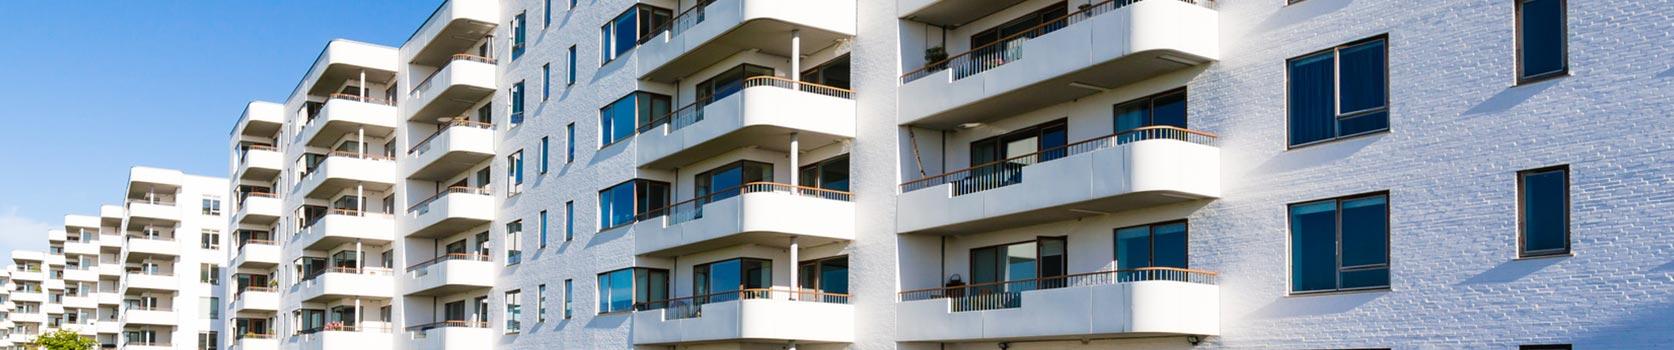 sécurisation d'immeuble